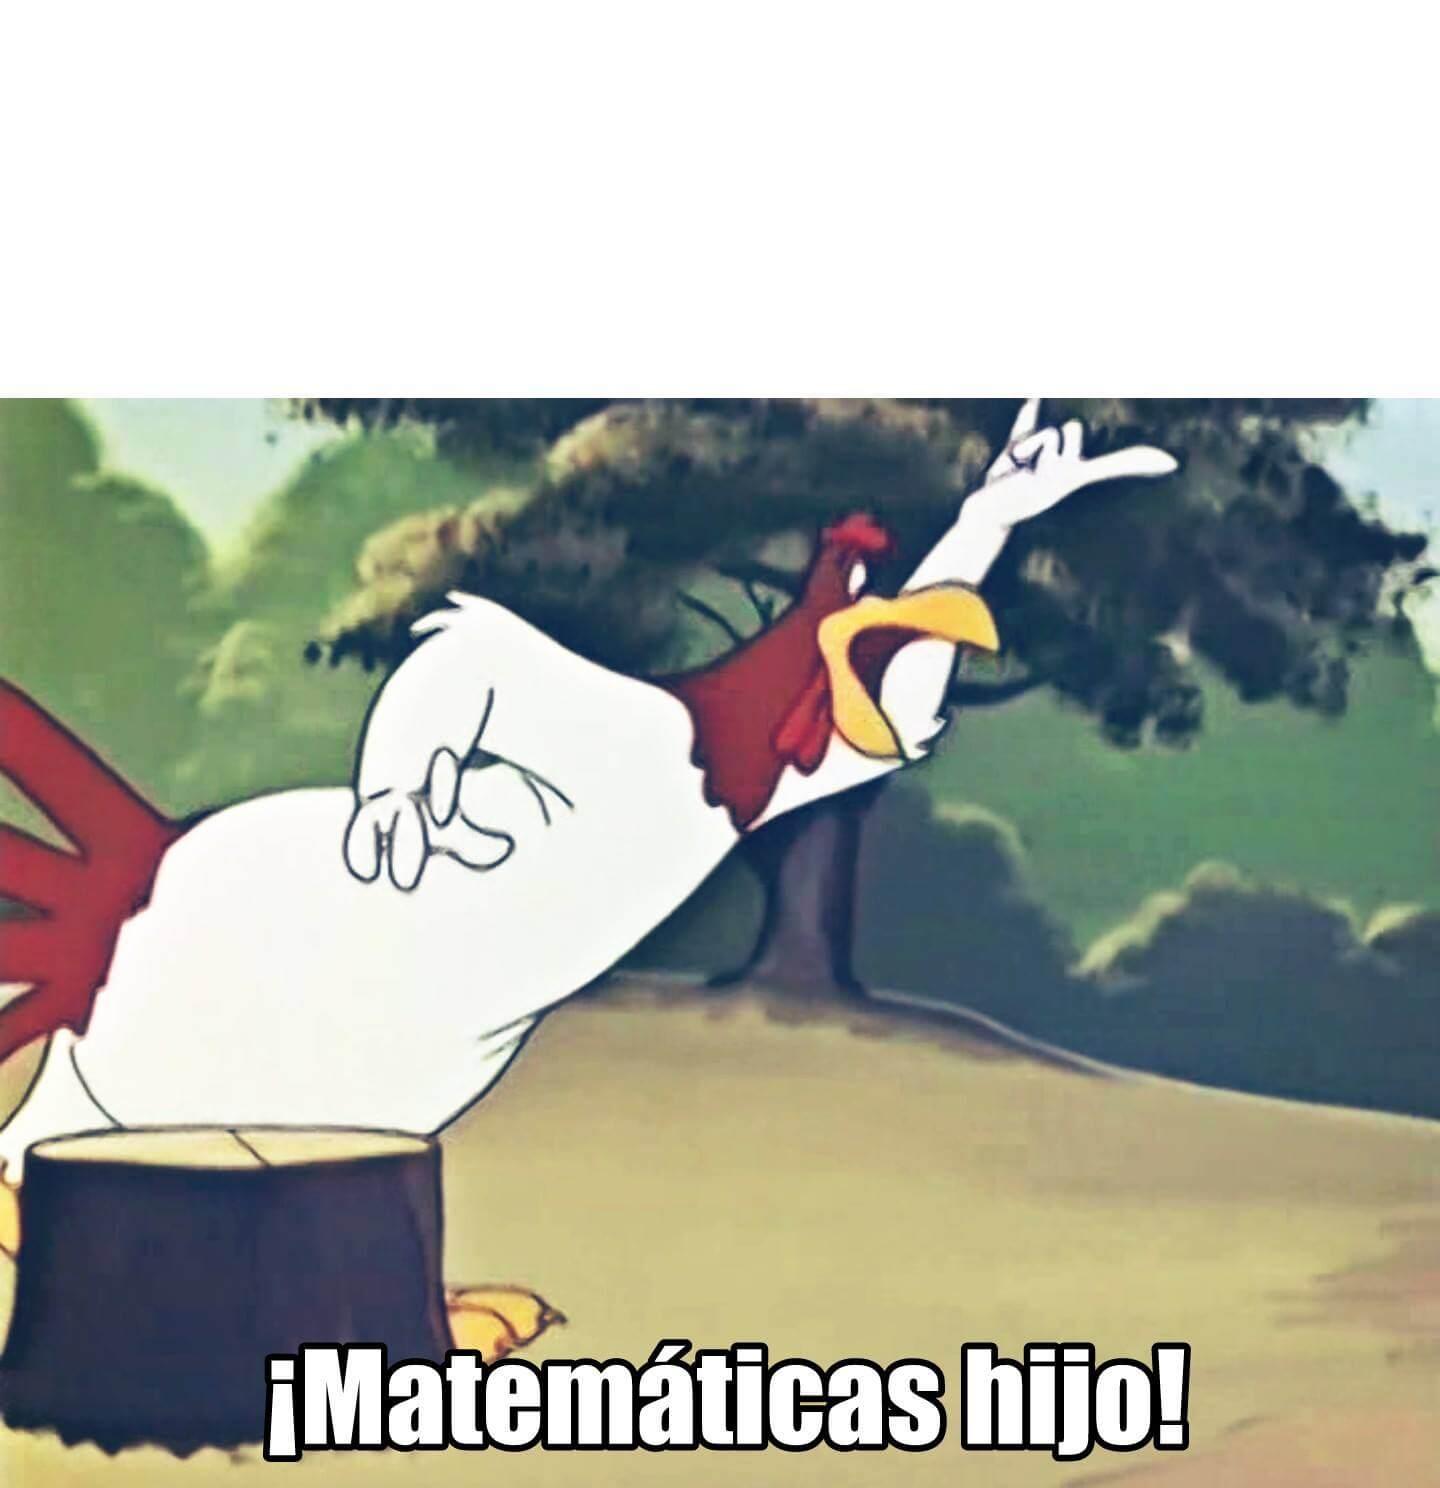 Ir a la pagina de la plantilla Matemáticas hijo.